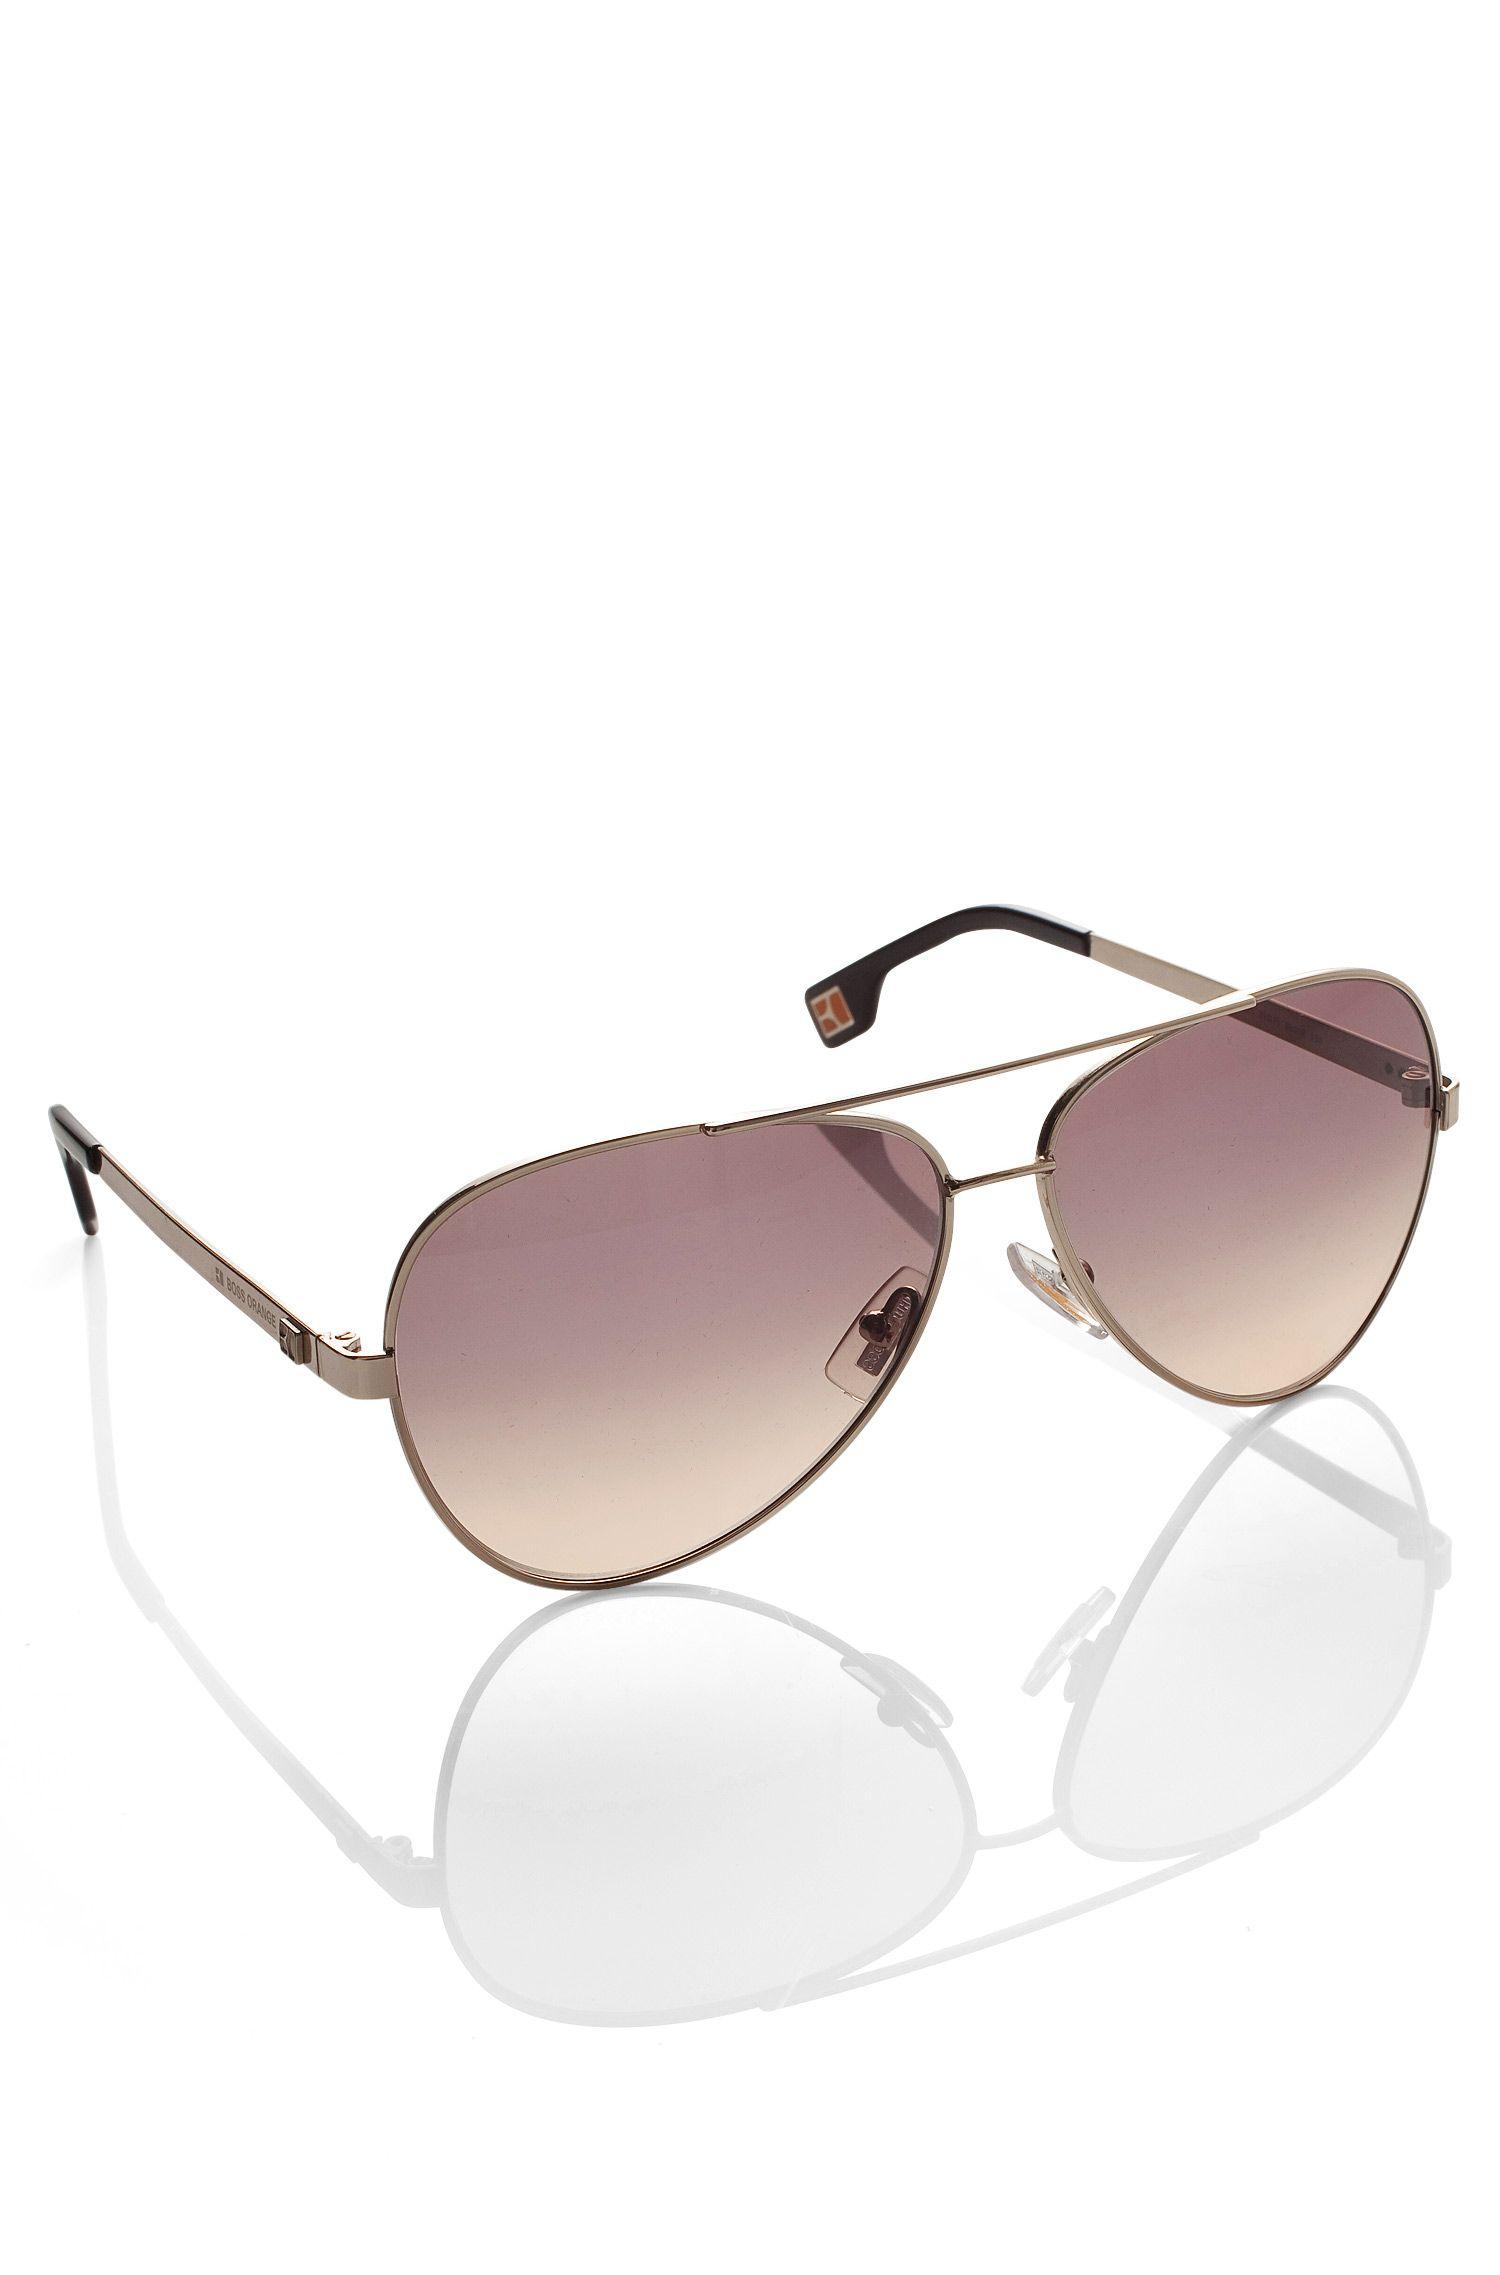 Sonnenbrille ´BO 0011/S` im Aviator-Style